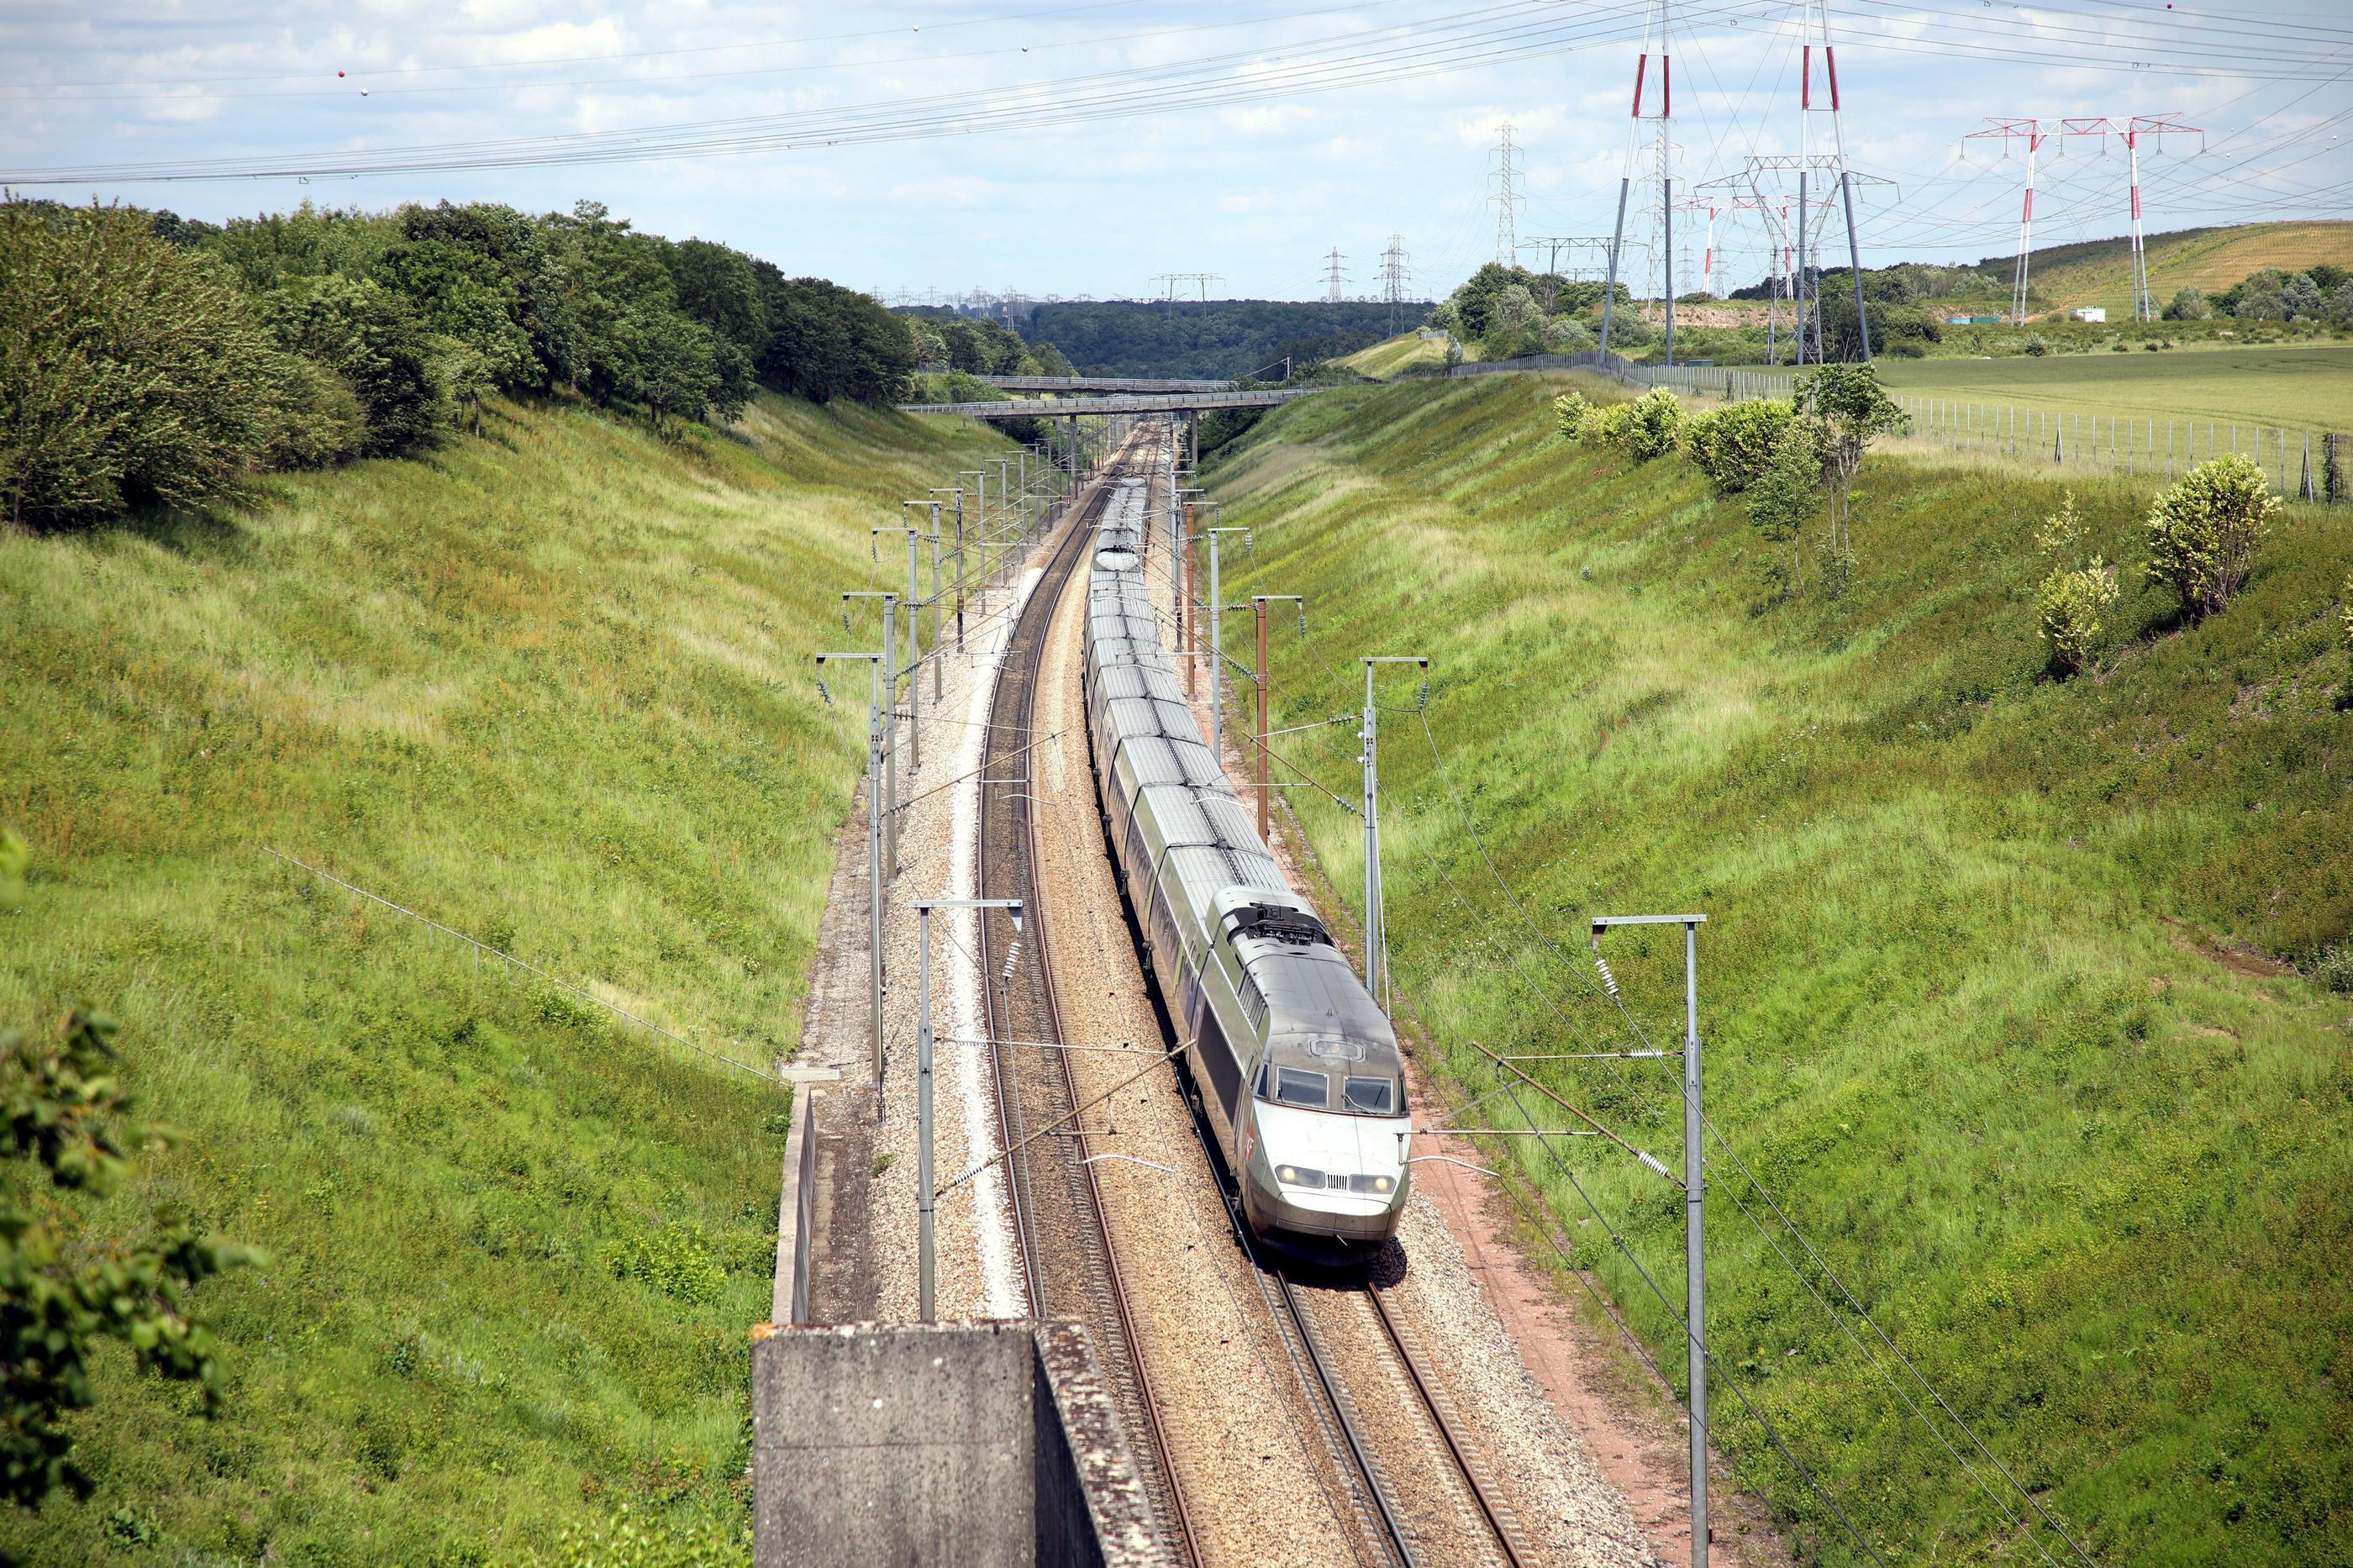 4,1 milliards d'euros pour le lancement de la LGV Bordeaux-Toulouse : la drôle de surprise de Castex